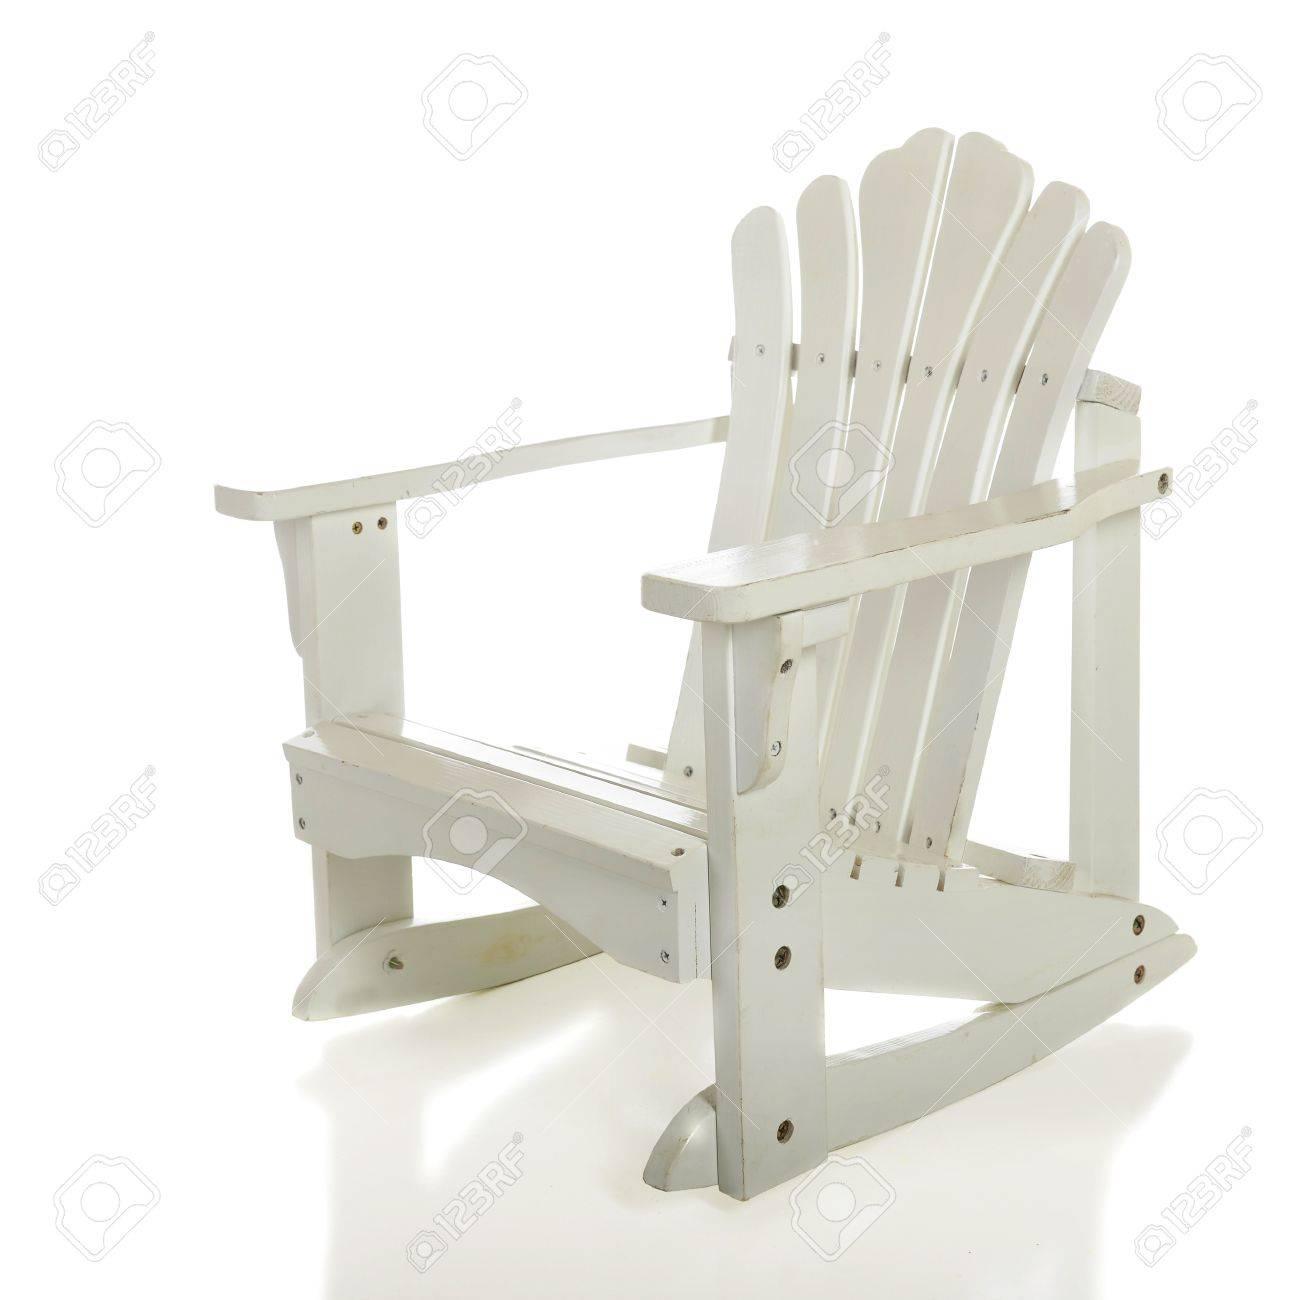 banque dimages un enfant de se vider la chaise bascule blanc adirondack sur un fond blanc - Chaise A Bascule Blanche